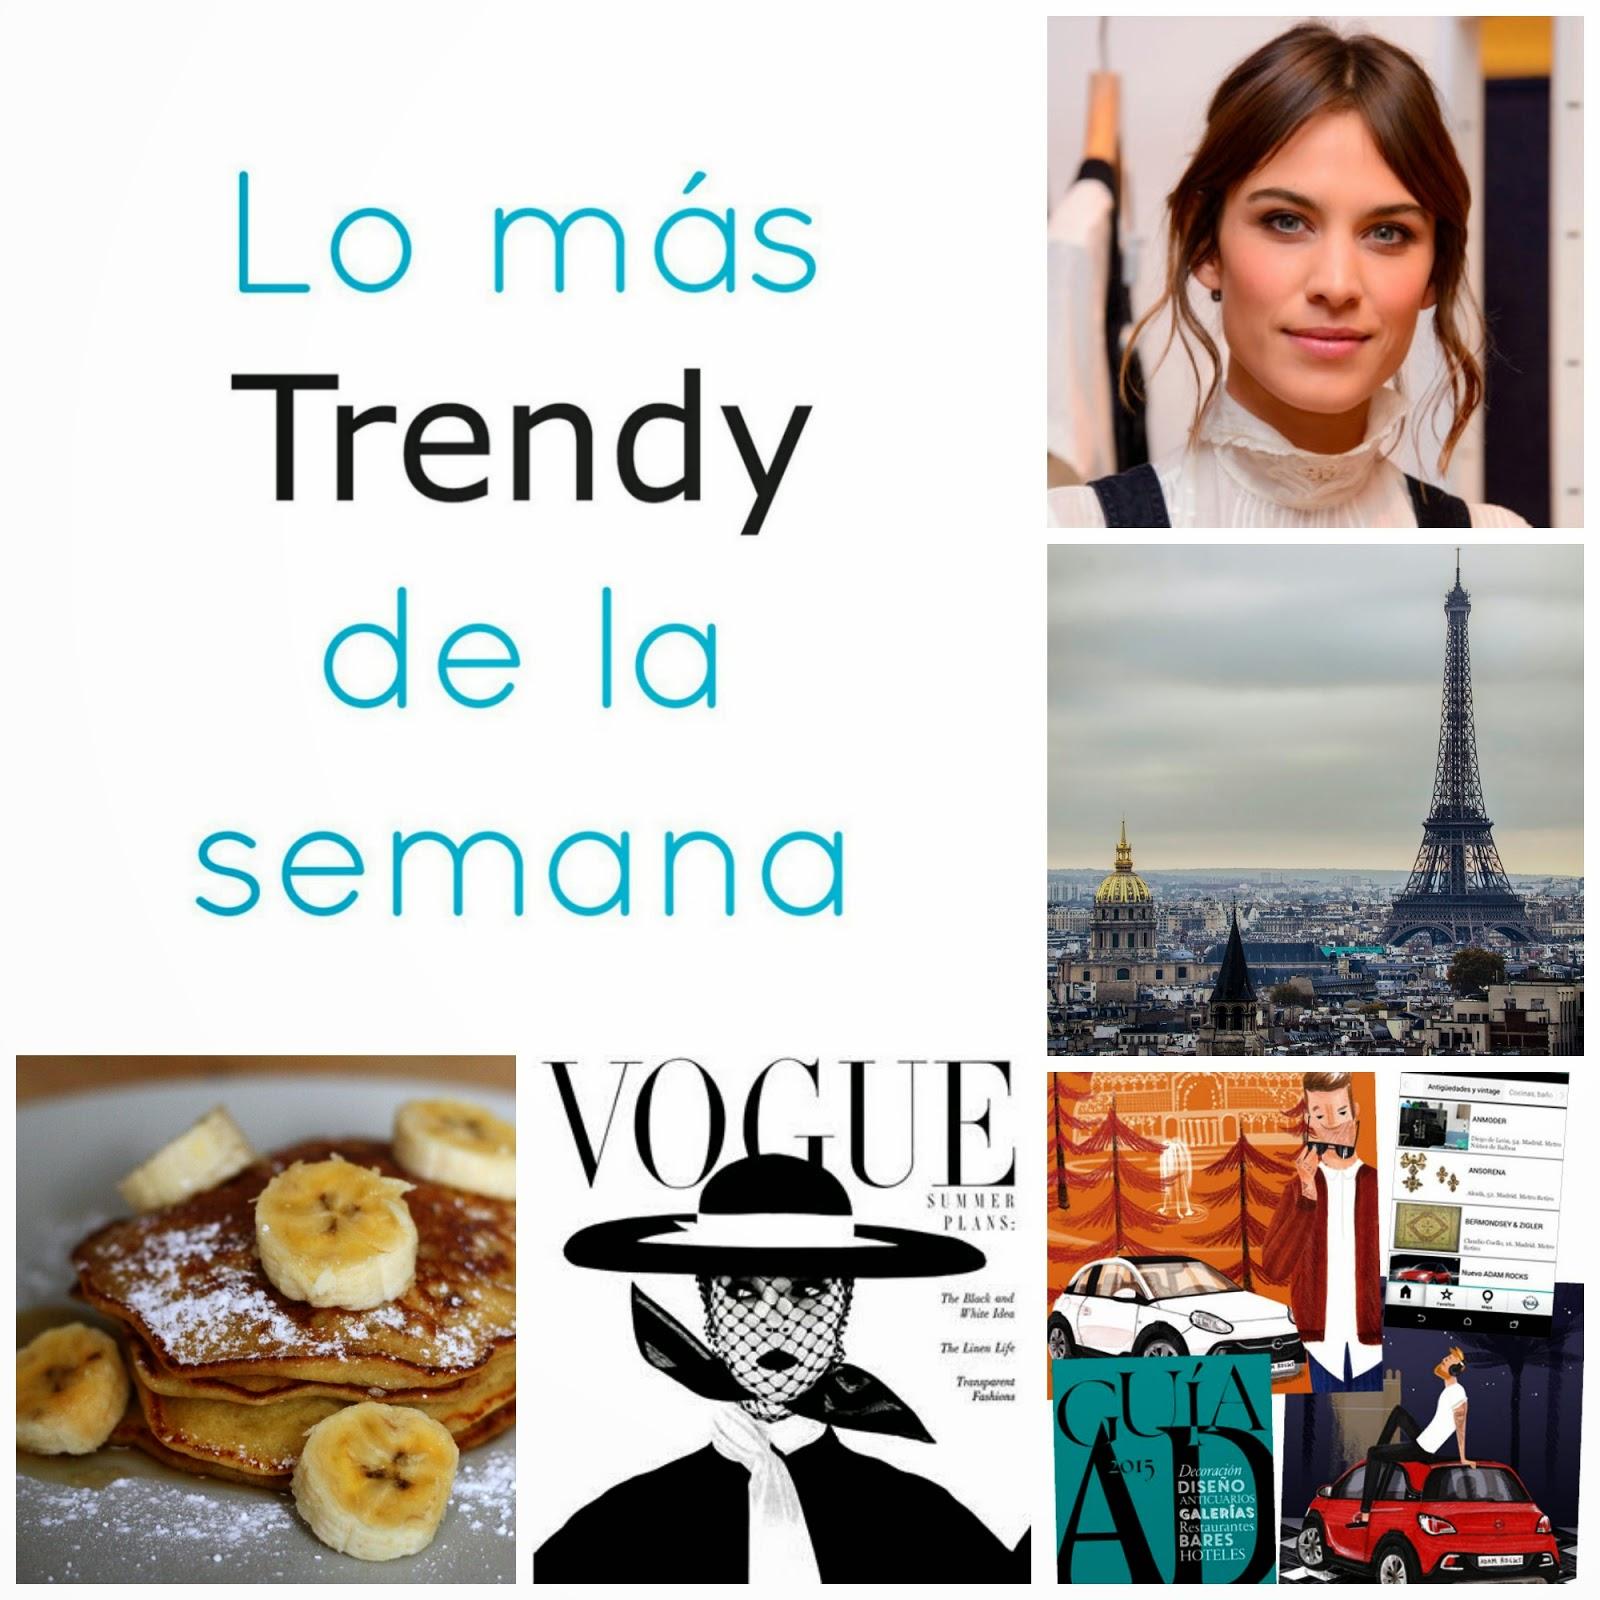 Lo mas trendy de la semana planes recomendaciones moda Madrid fashion blog fin de semana